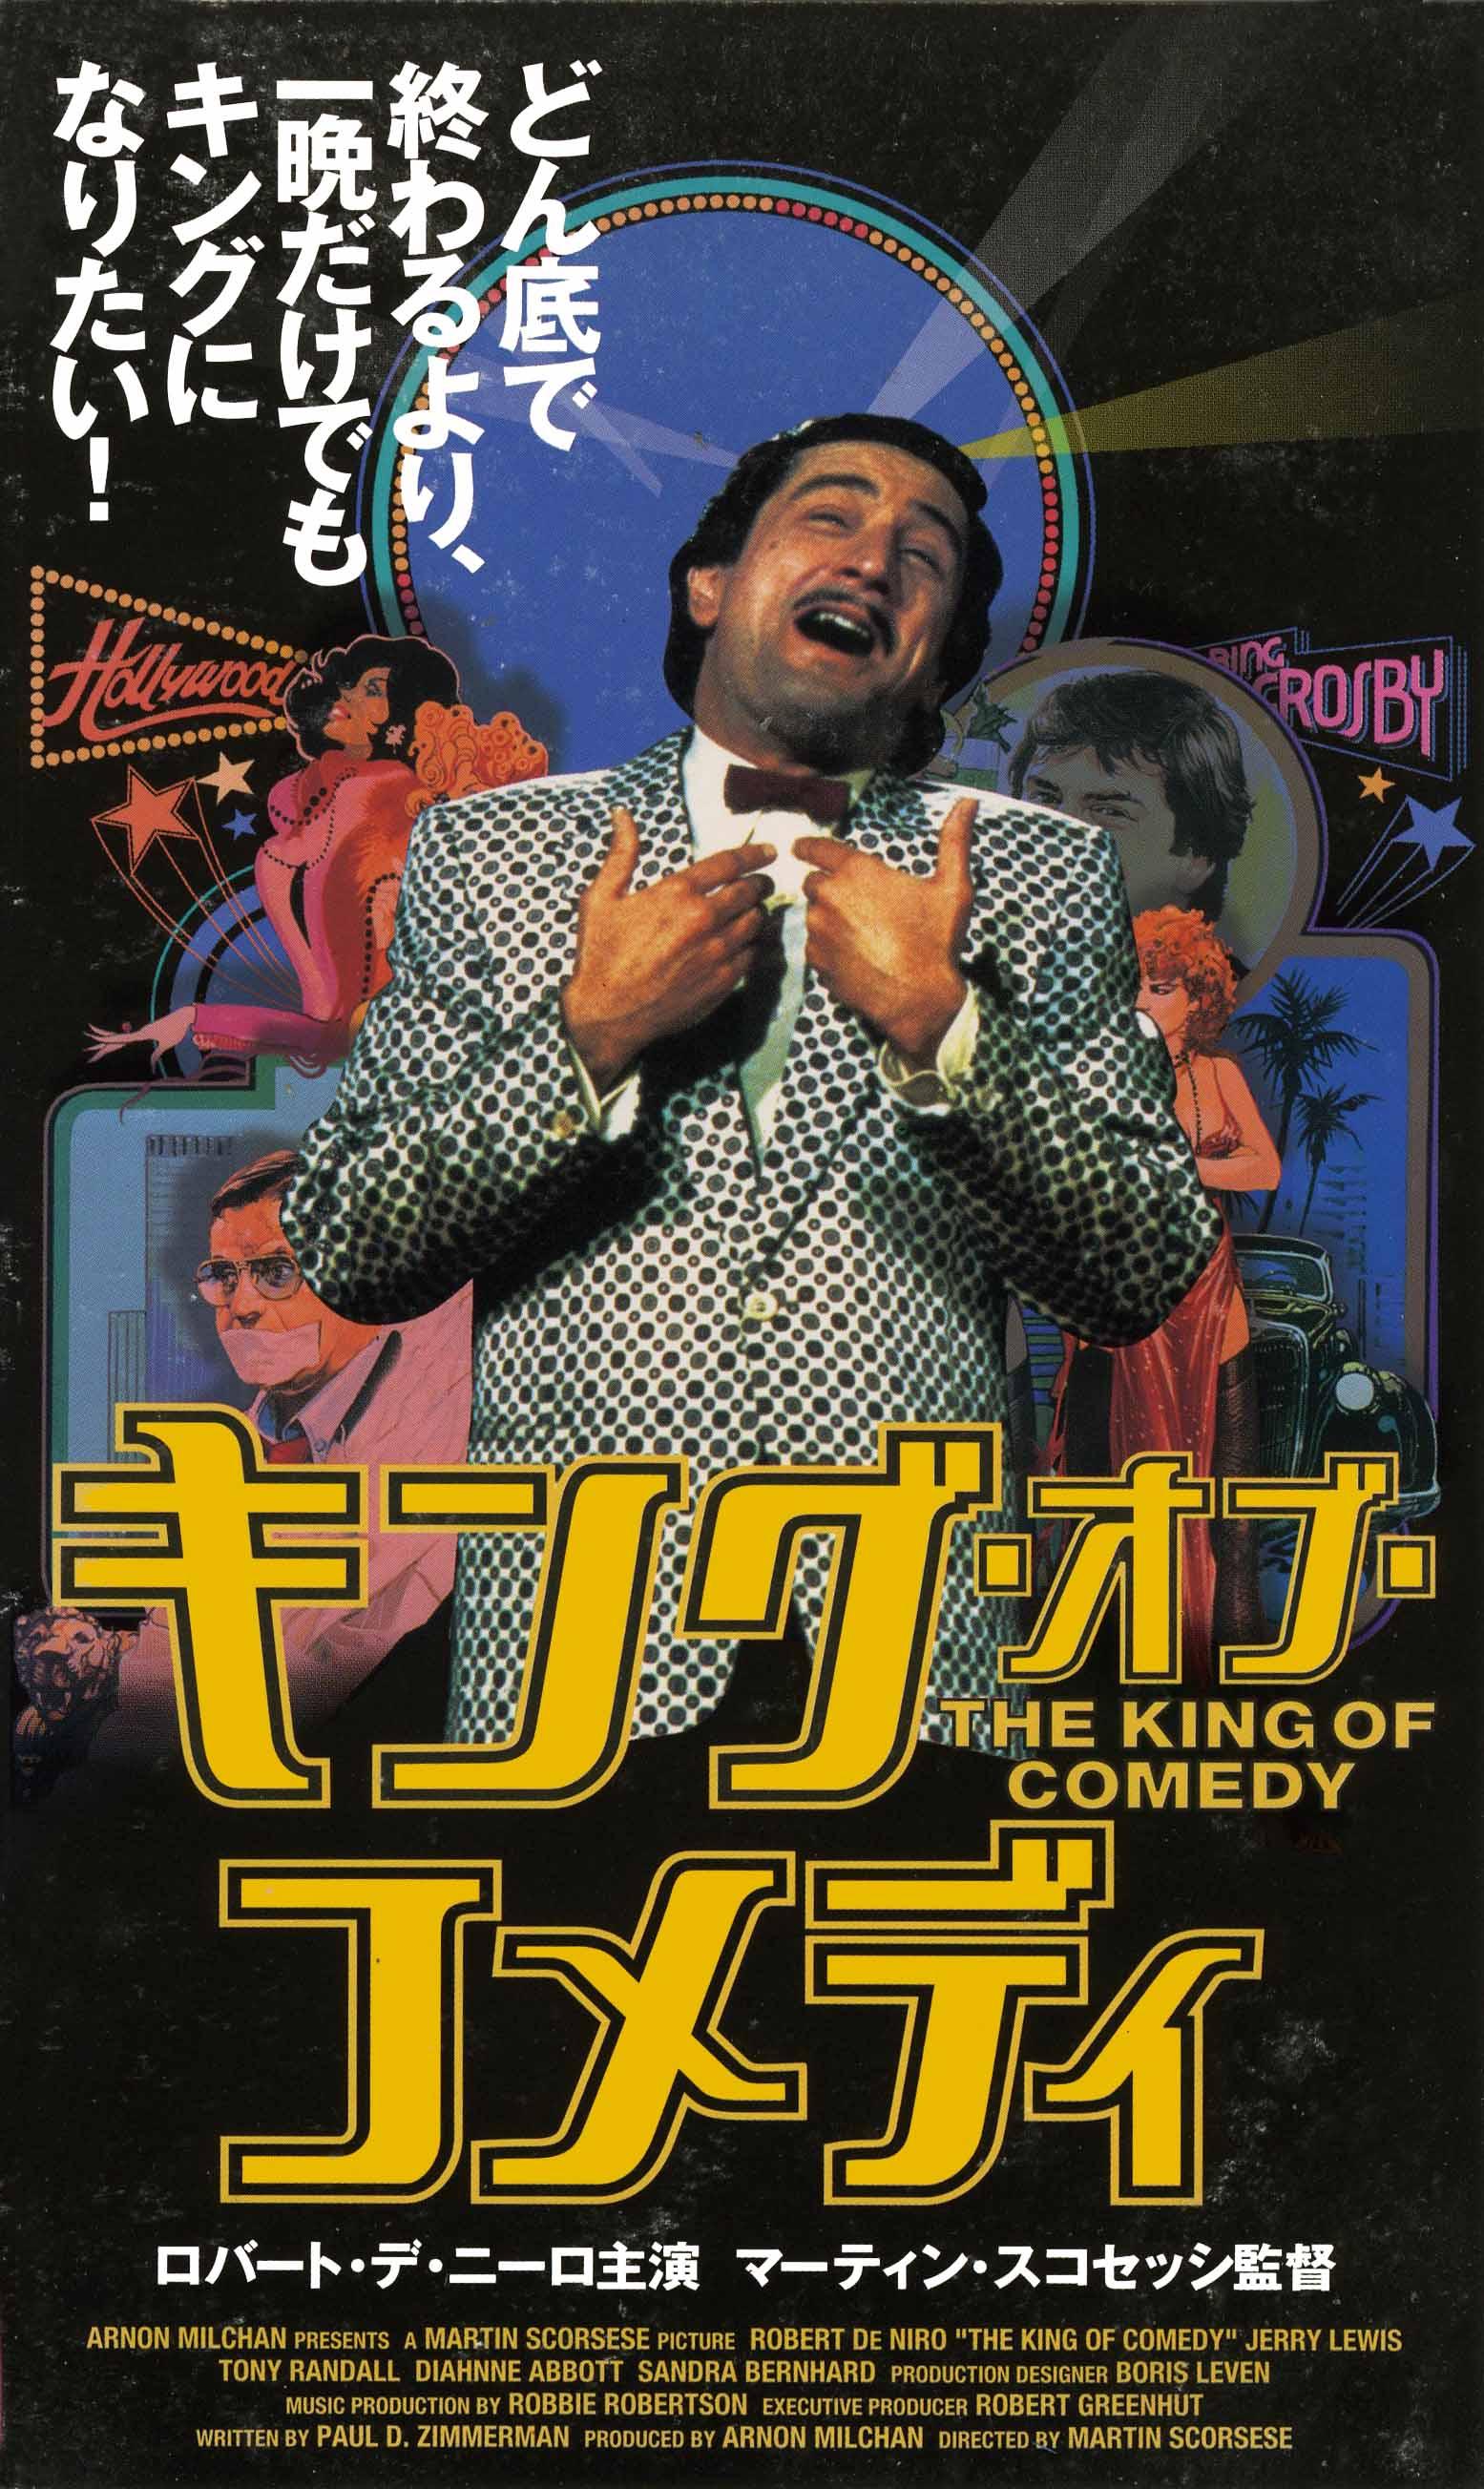 король комедии постер заостренным рылом